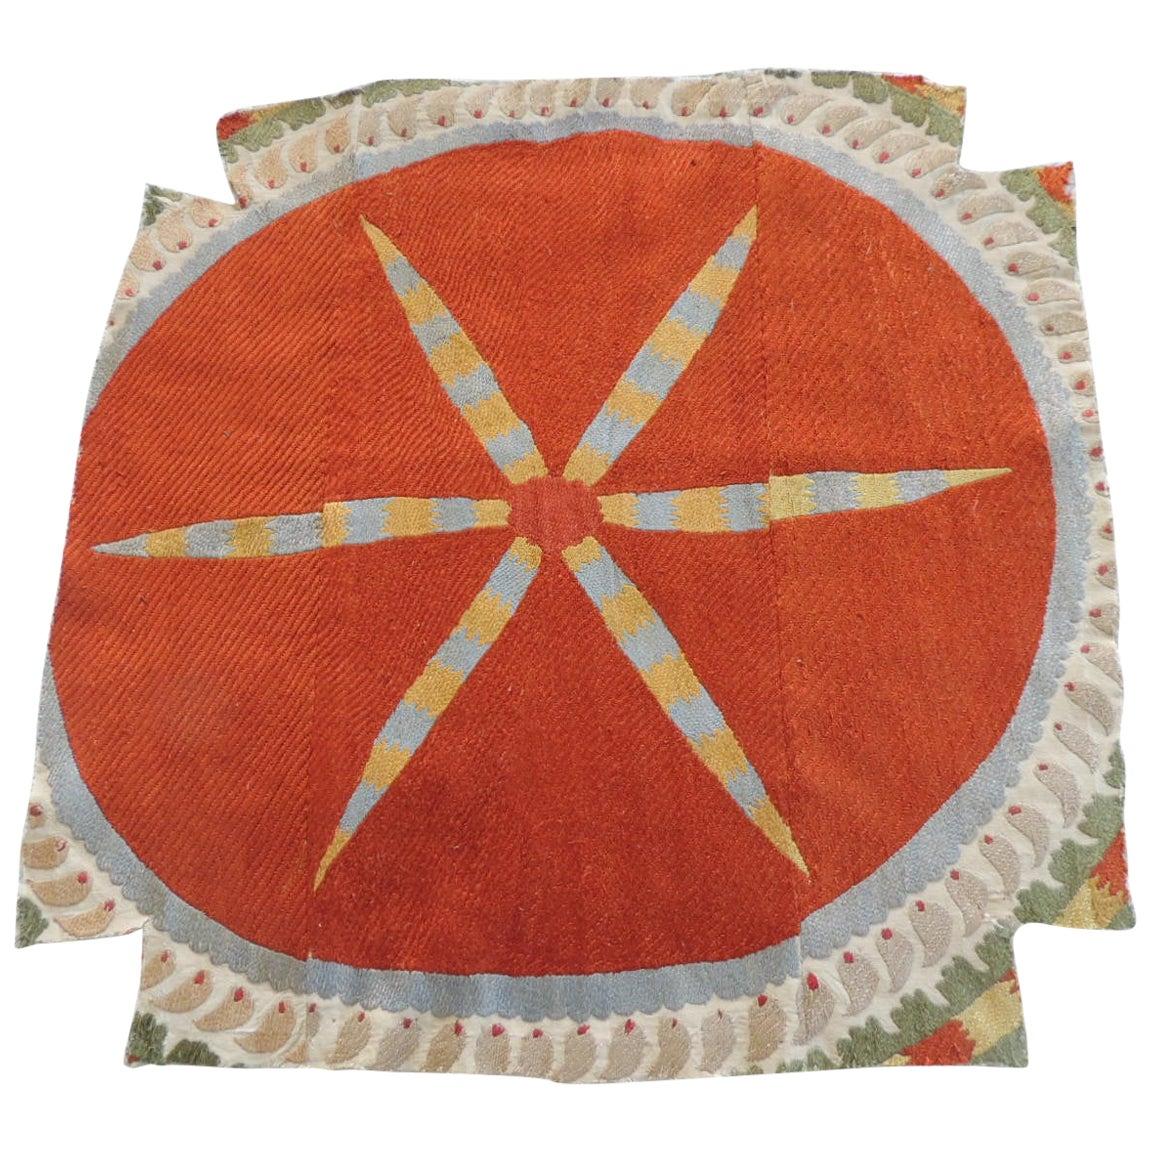 Vintage Orange and Yellow Suzani Textile Fragment